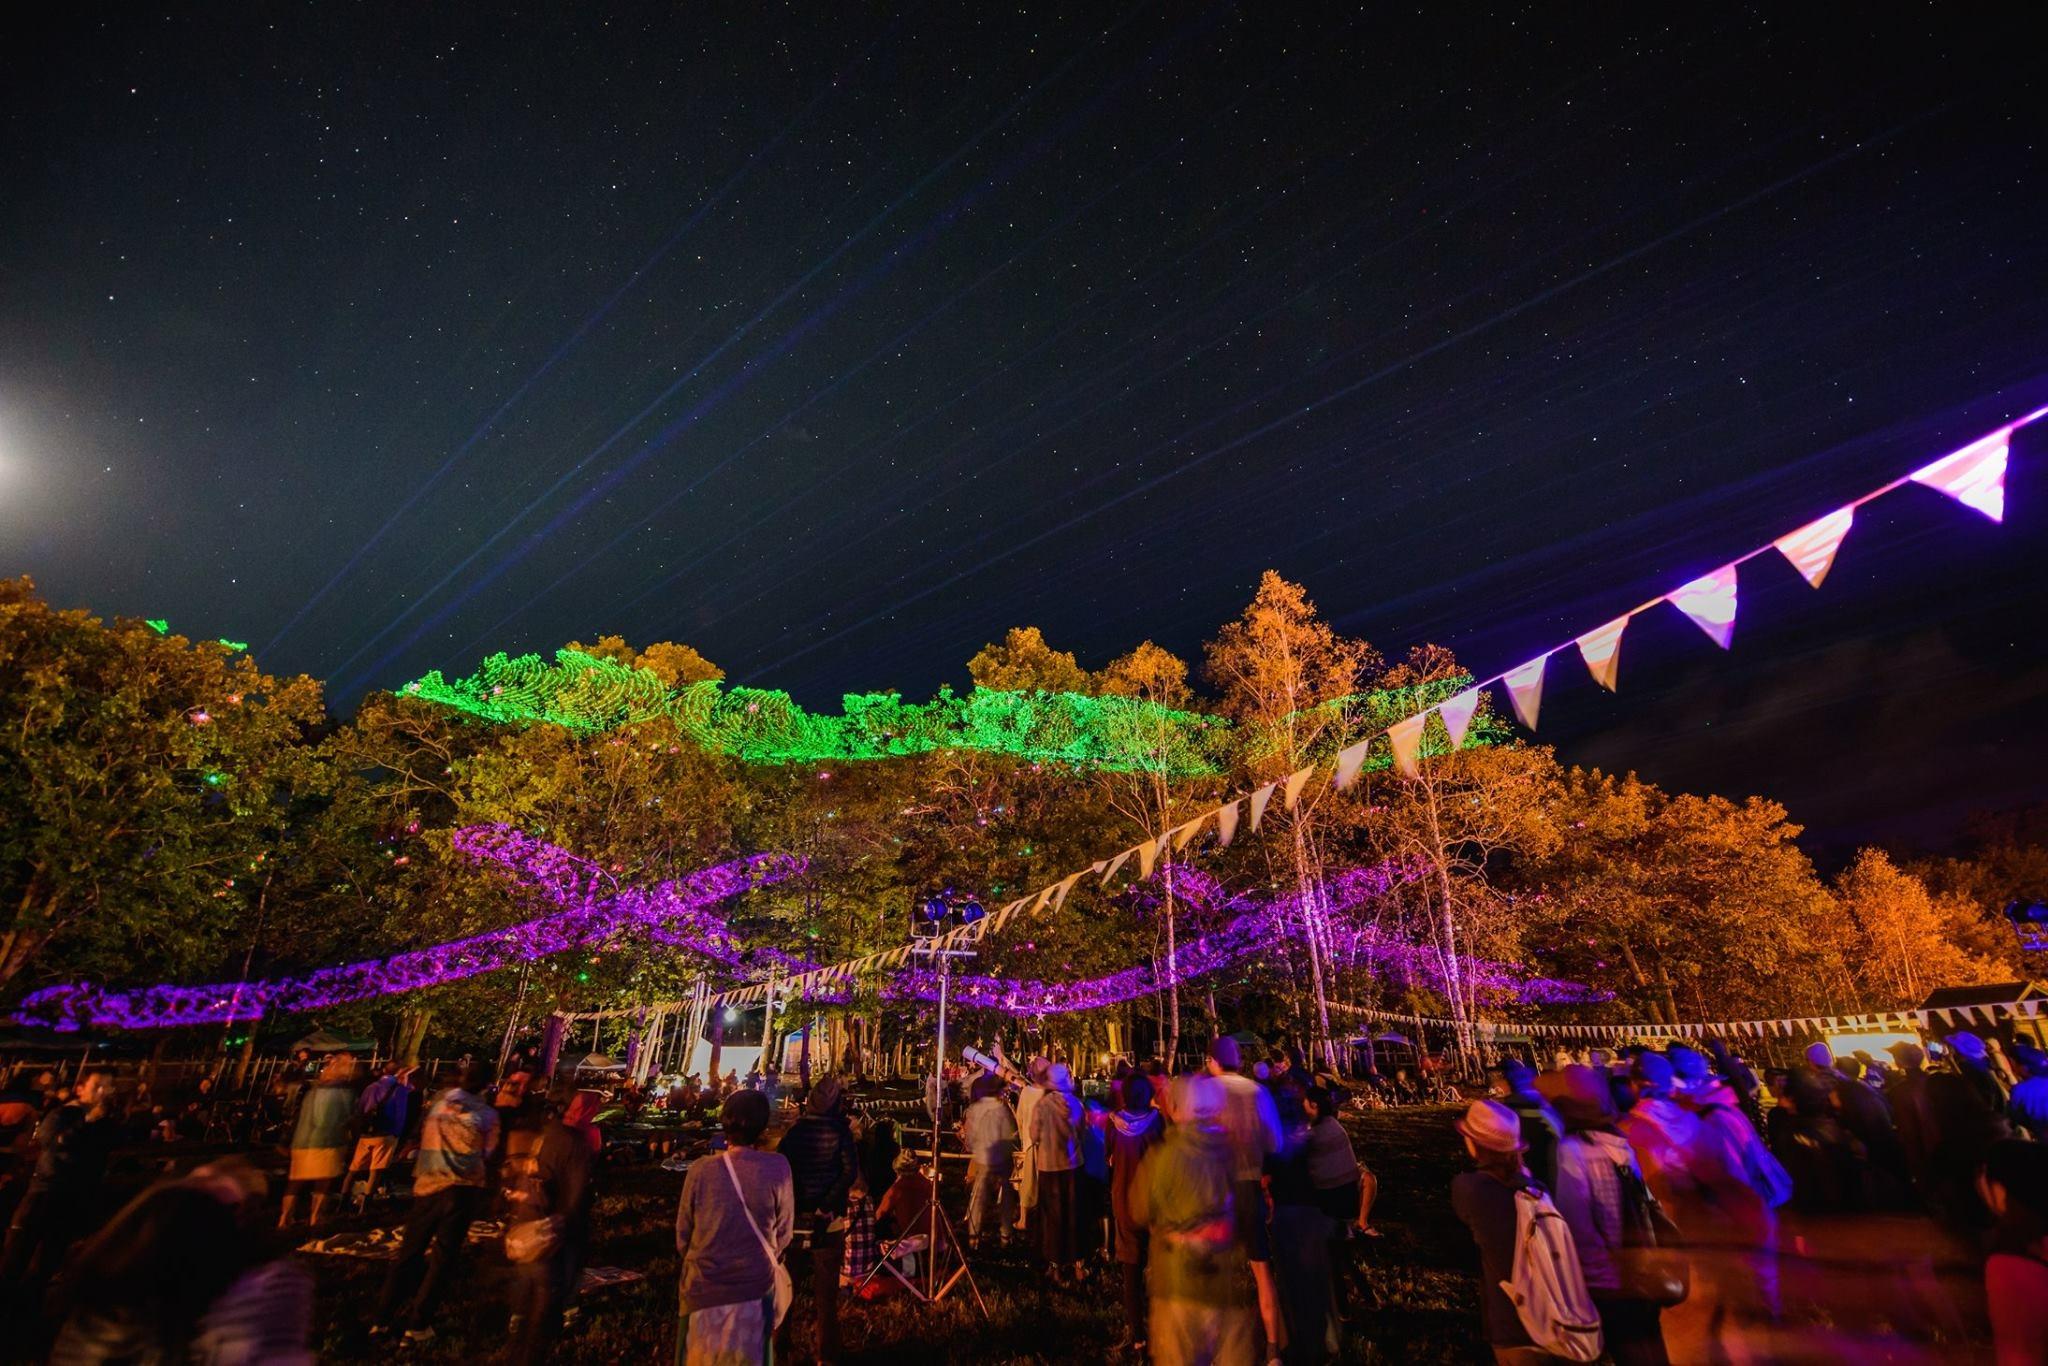 宇宙のまち・北海道大樹町 カムイコタン公園キャンプ場で「宇宙の森フェス2019」開催決定